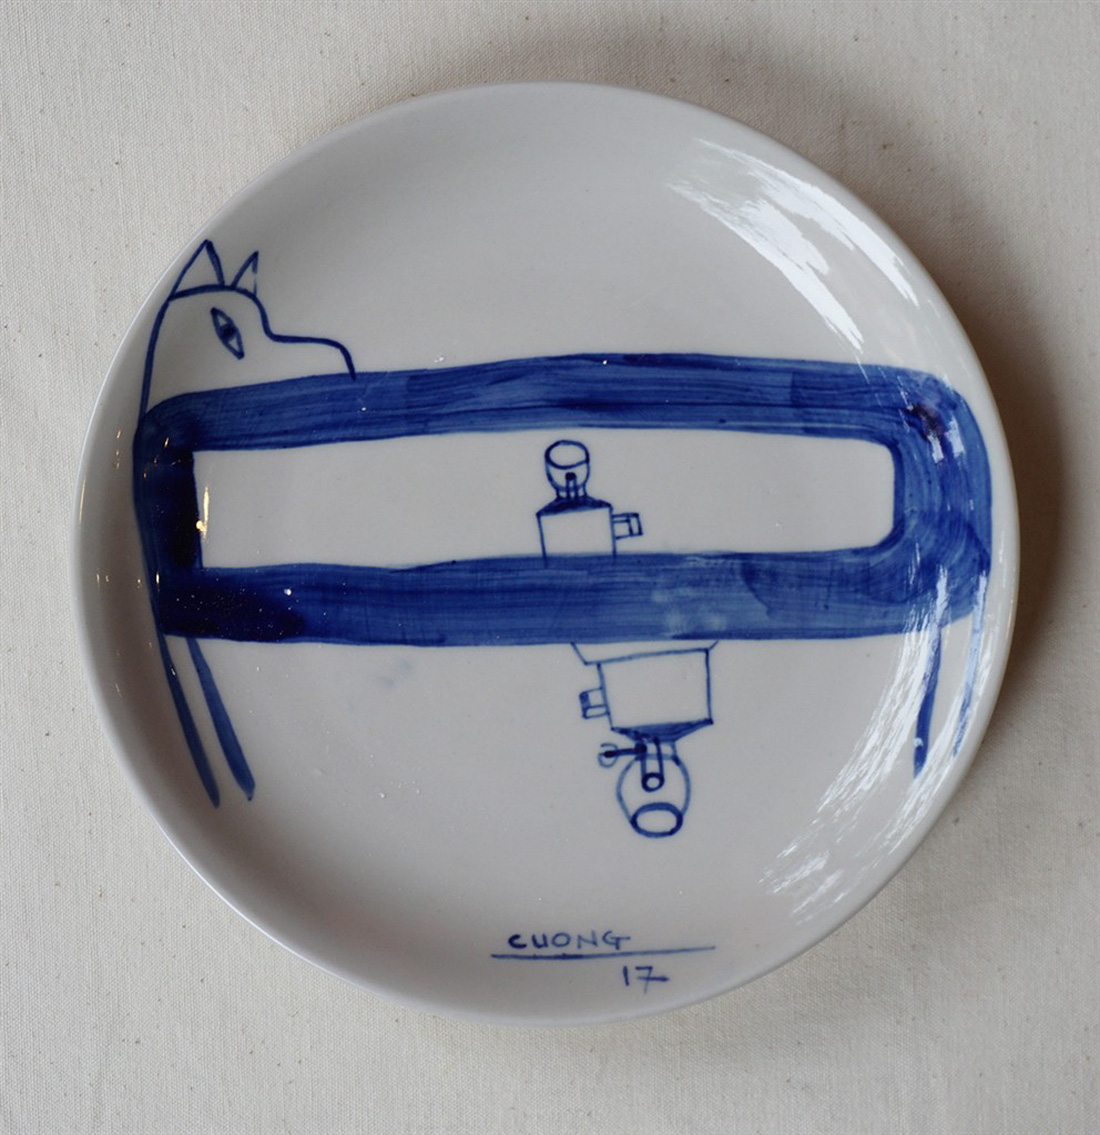 A porcelain dish by Le Thiet Cuong, G39. Photo: Tuoi Tre